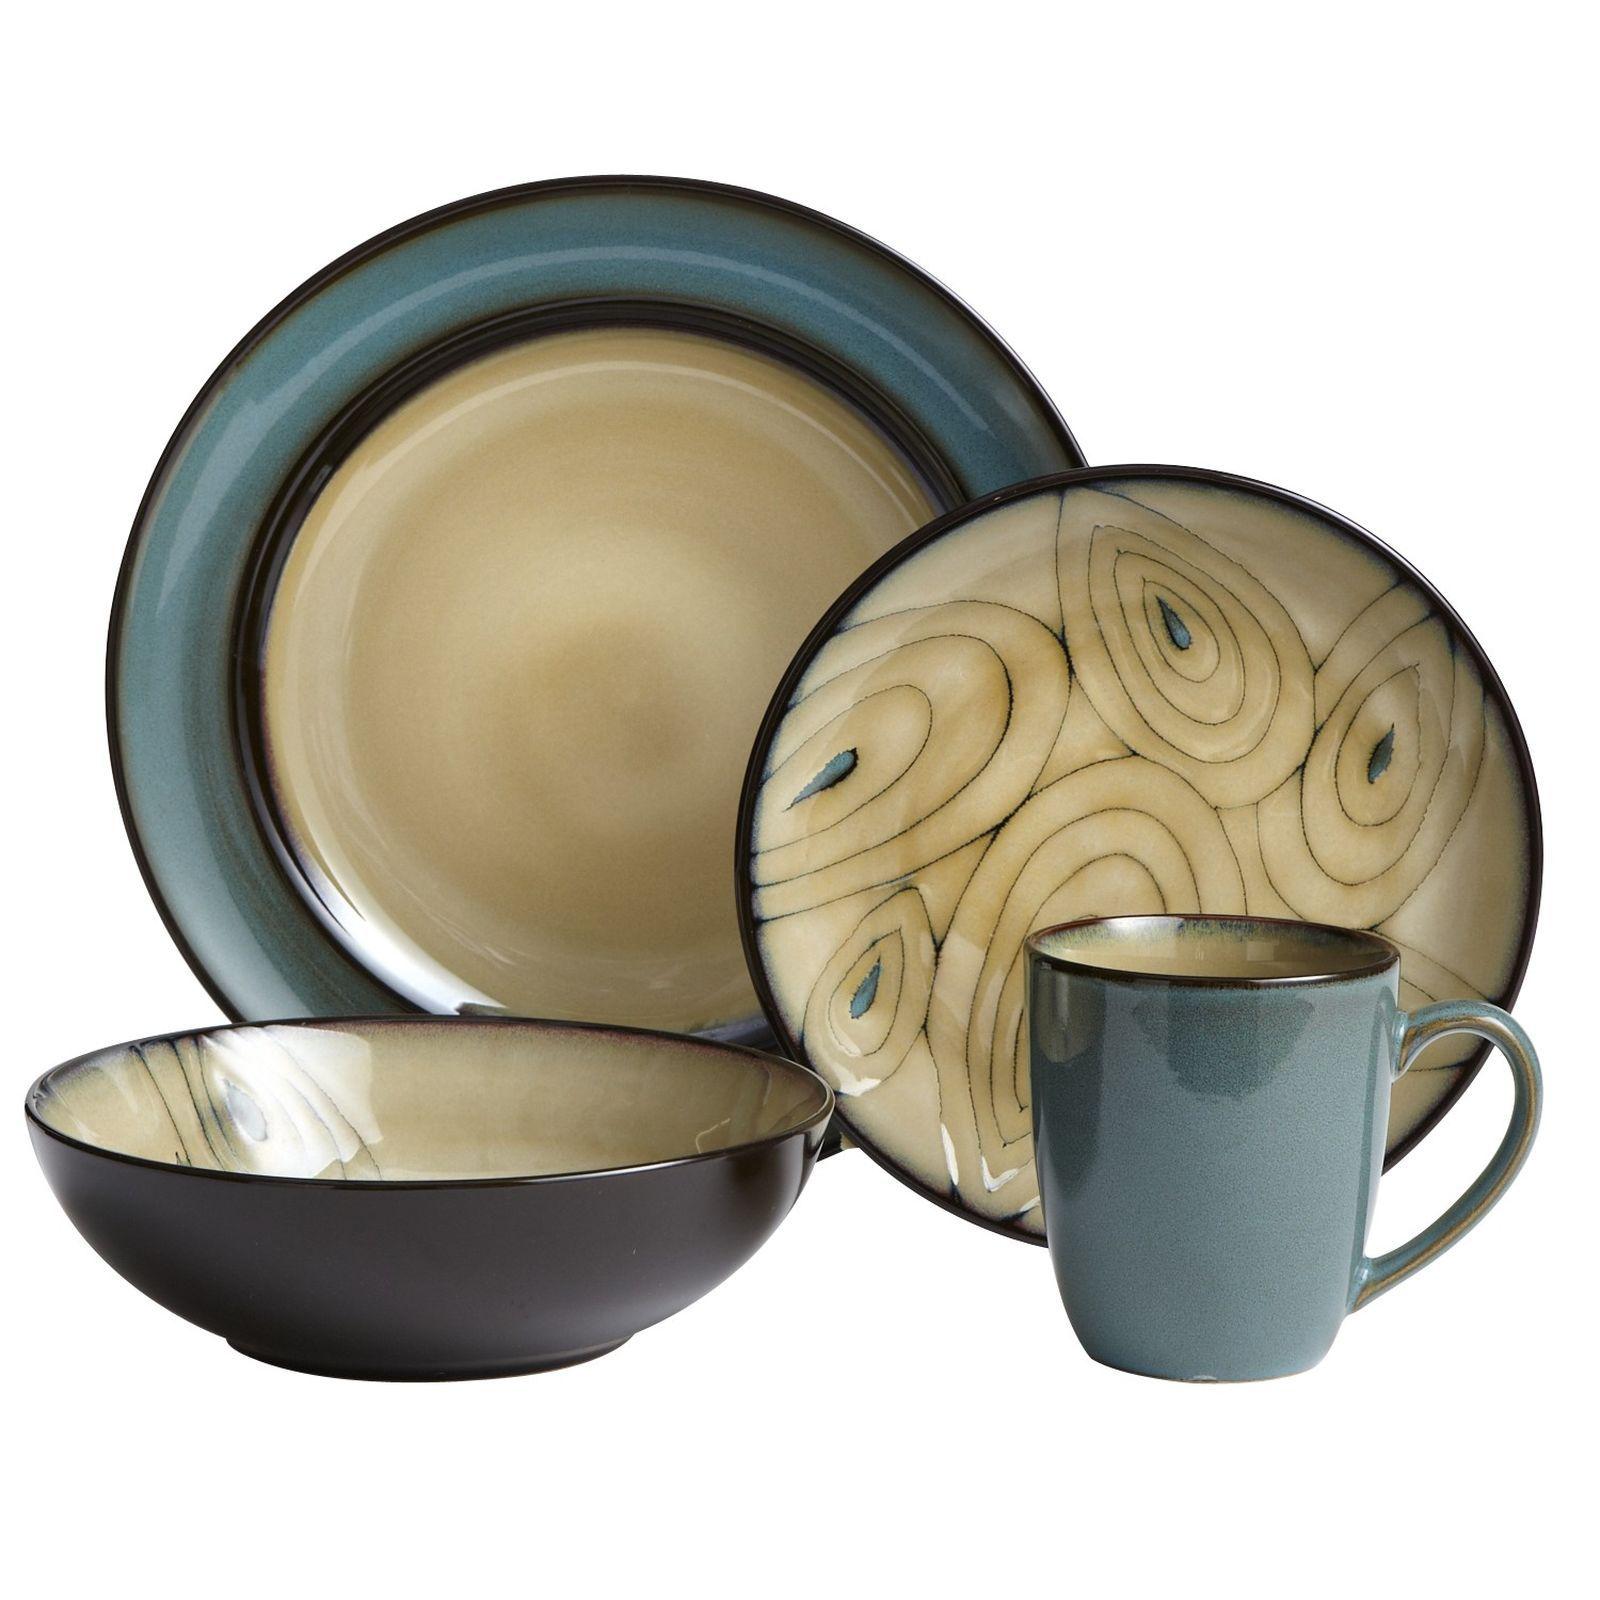 Teal Reactive Rim Dinnerware  sc 1 st  Pinterest & Teal Reactive Rim Dinnerware | Stoneware and Dinnerware